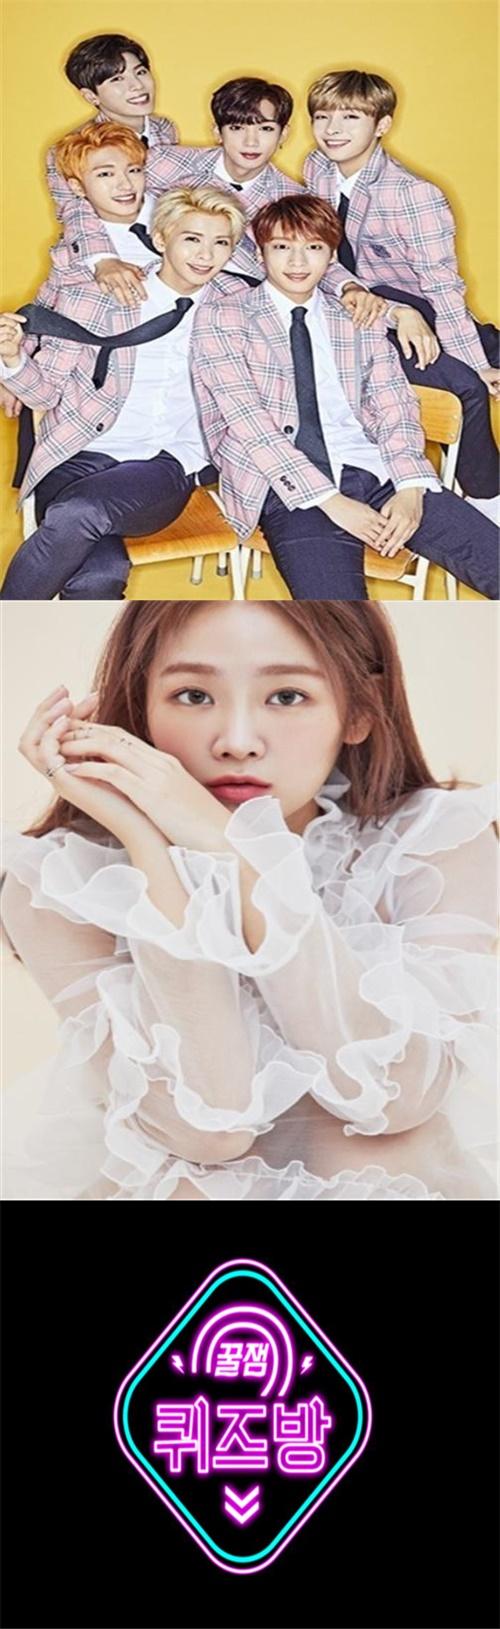 '꿀잼 퀴즈방', 소유 스누퍼 출격 사진=KBS2 '꿀잼 퀴즈방'